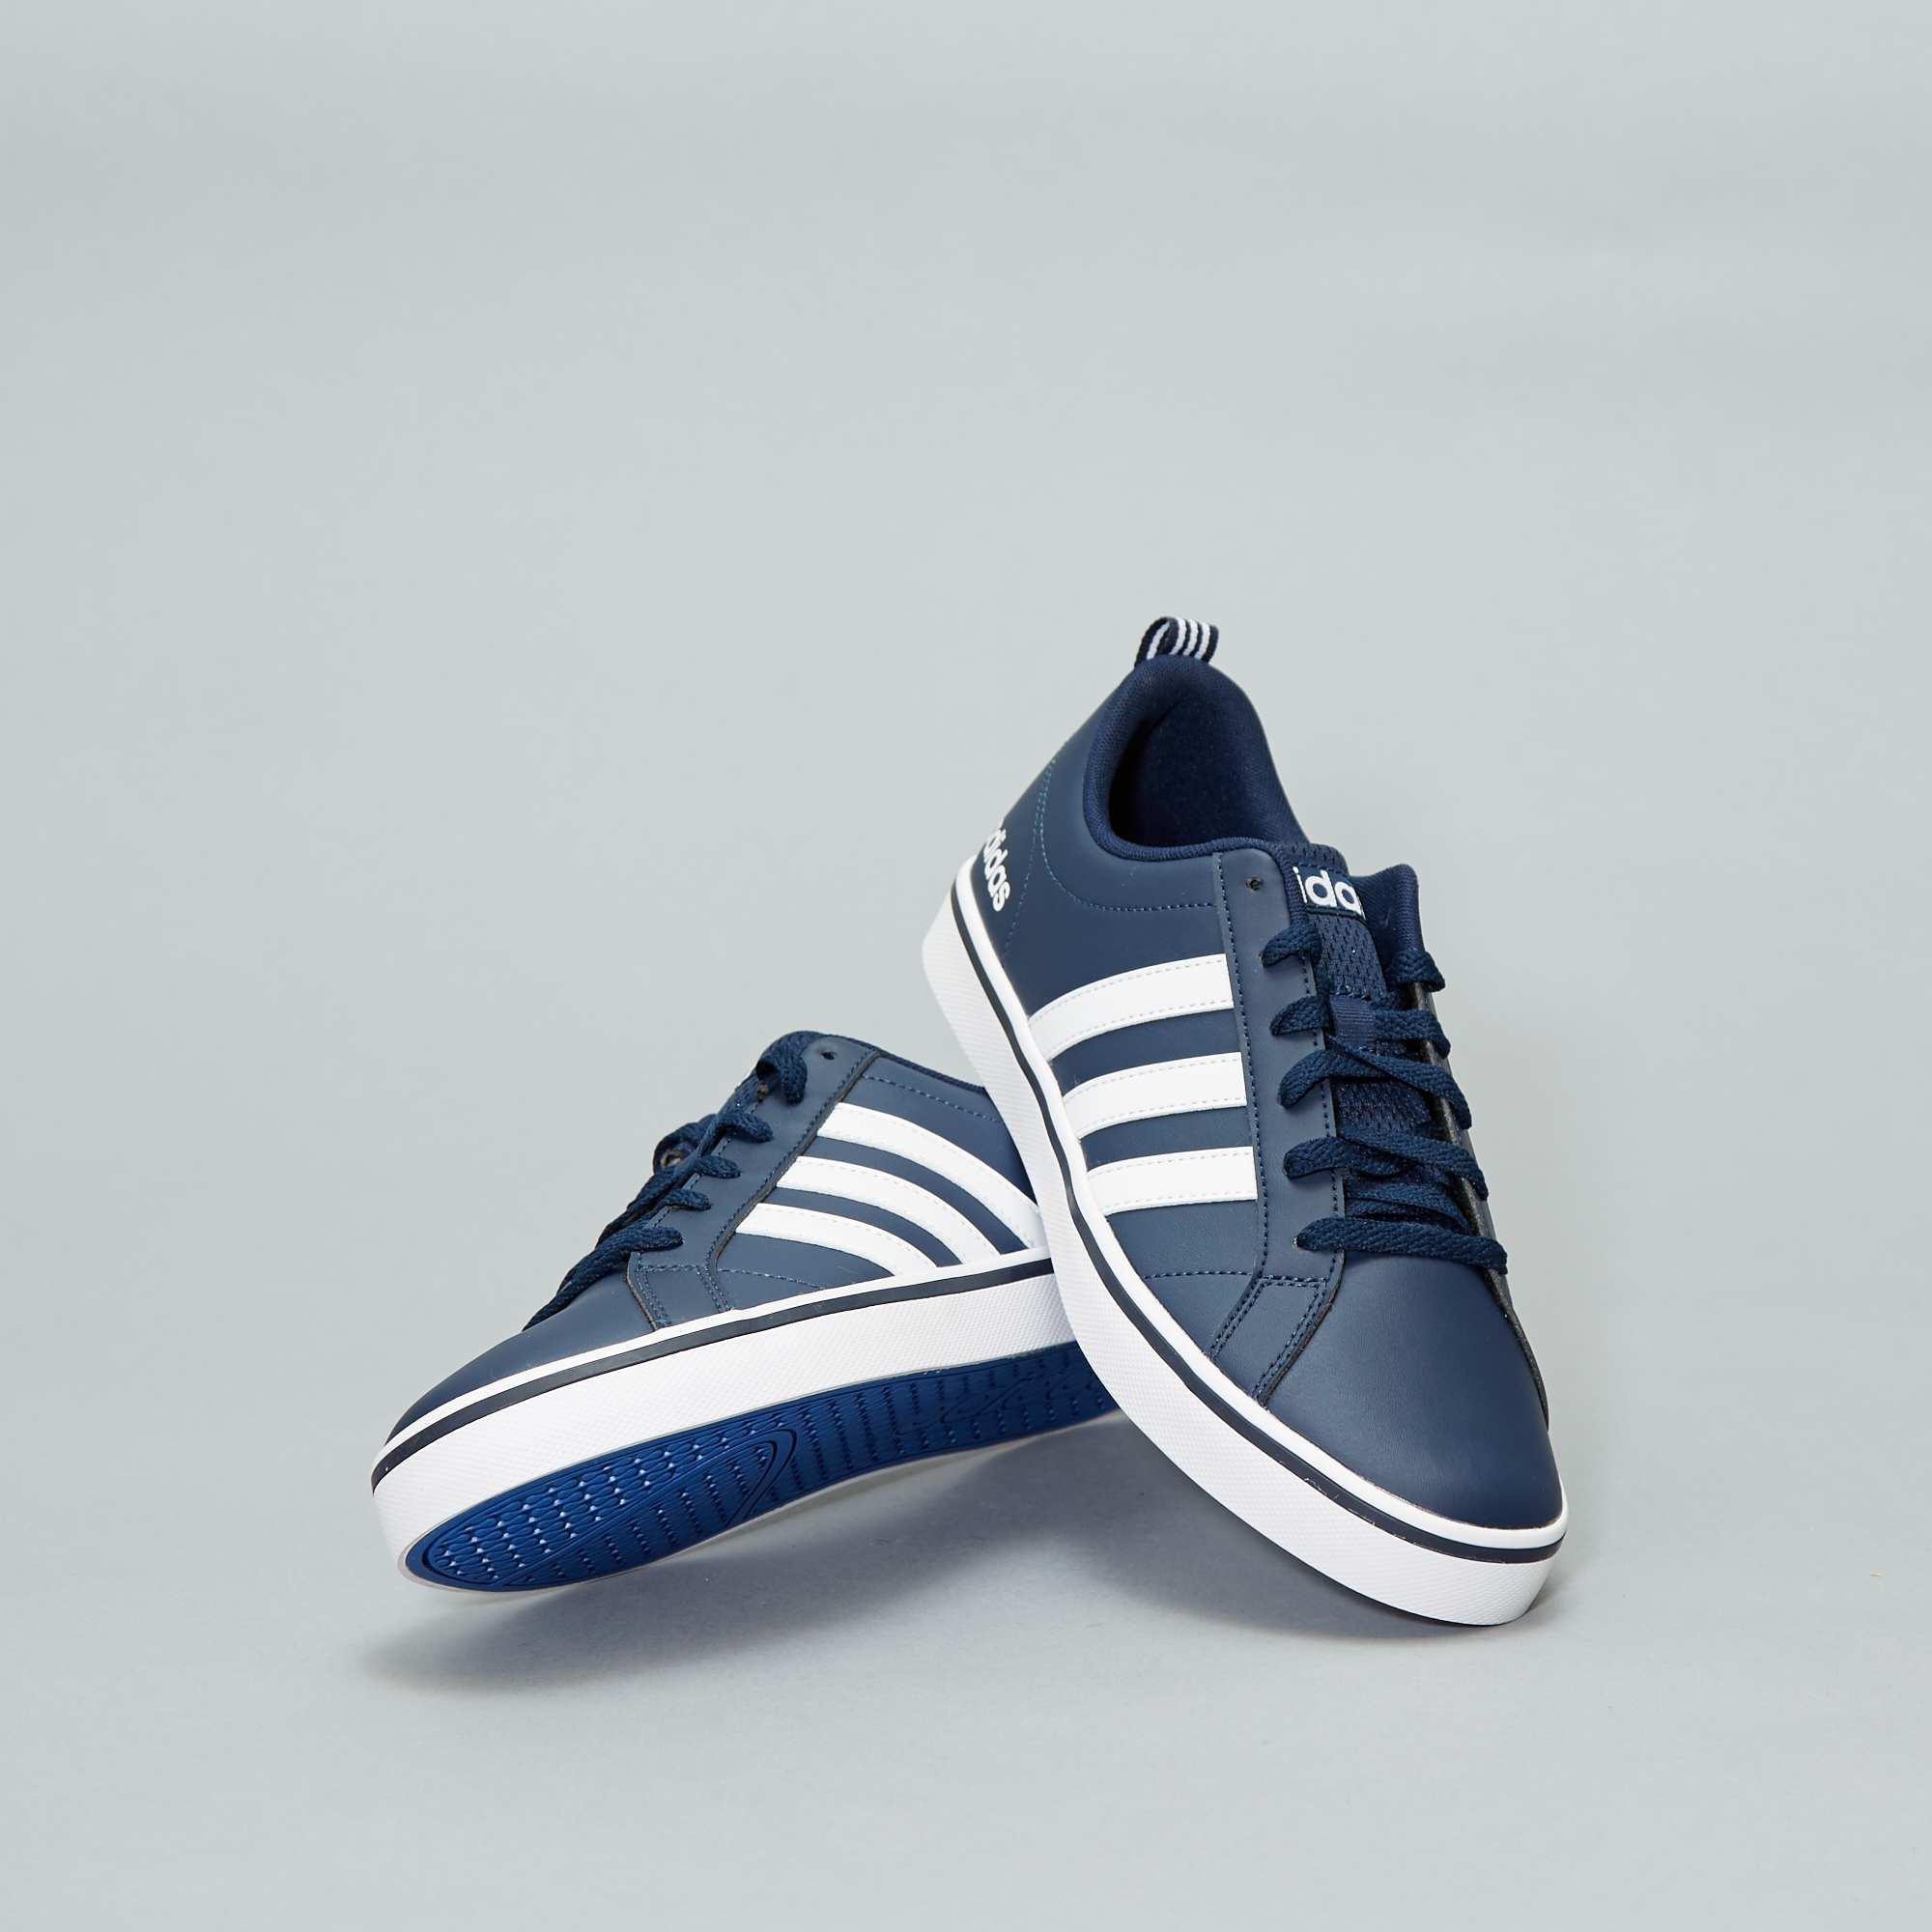 0c5194a4a64e4 Zapatillas  Adidas   VS PACE  Hombre - AZUL - Kiabi - 50